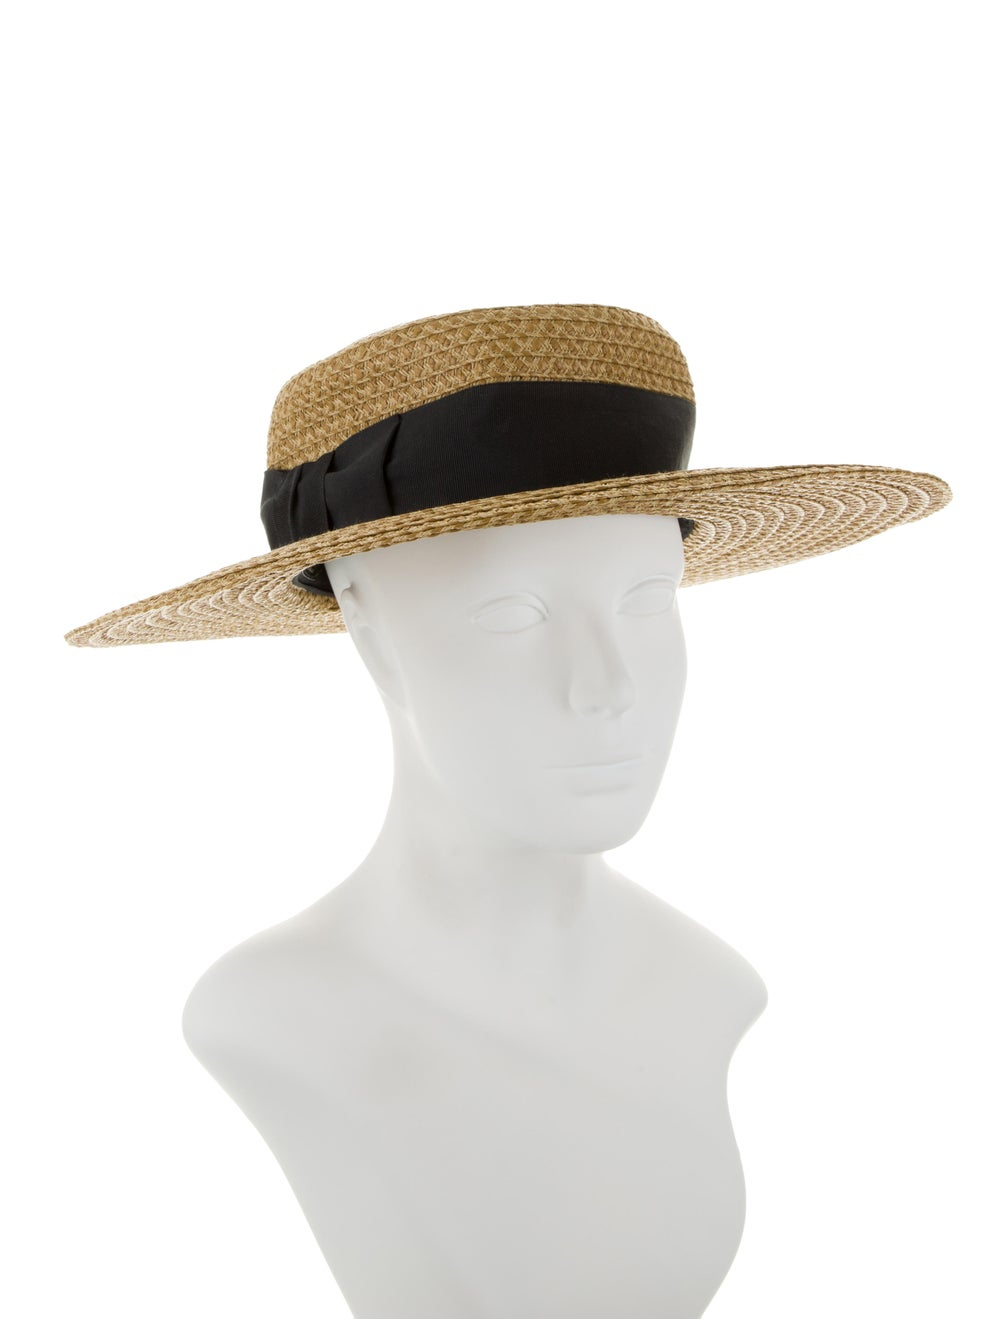 Eric Javits Straw Wide-Brim Hat Tan - image 3